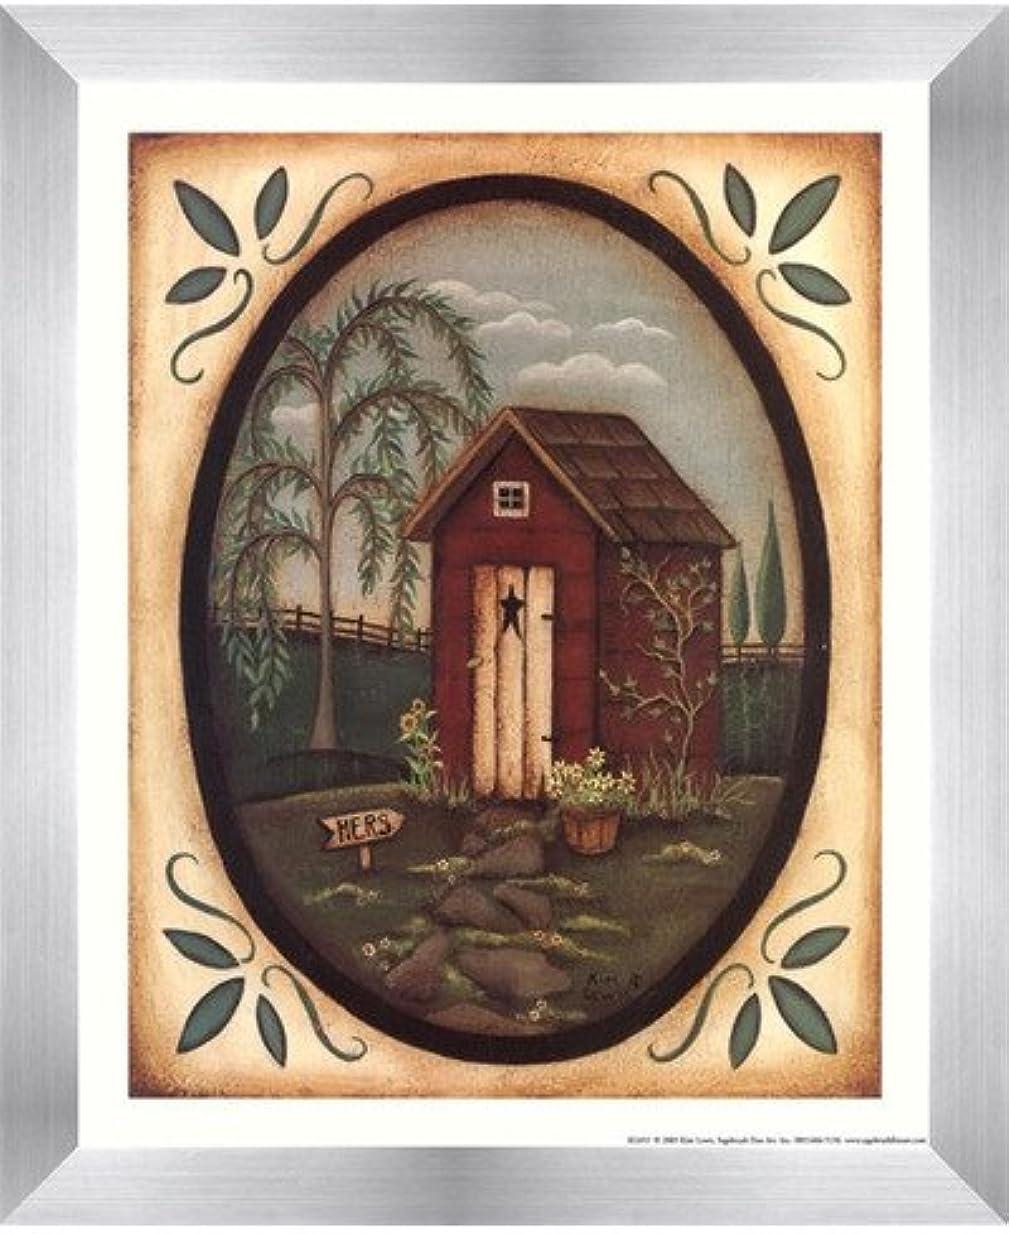 大胆不敵反対運賃彼女Outhouse by Kim Lewis – 9 x 11インチ – アートプリントポスター 8 x 10 Inch LE_211585-F9935-9x11